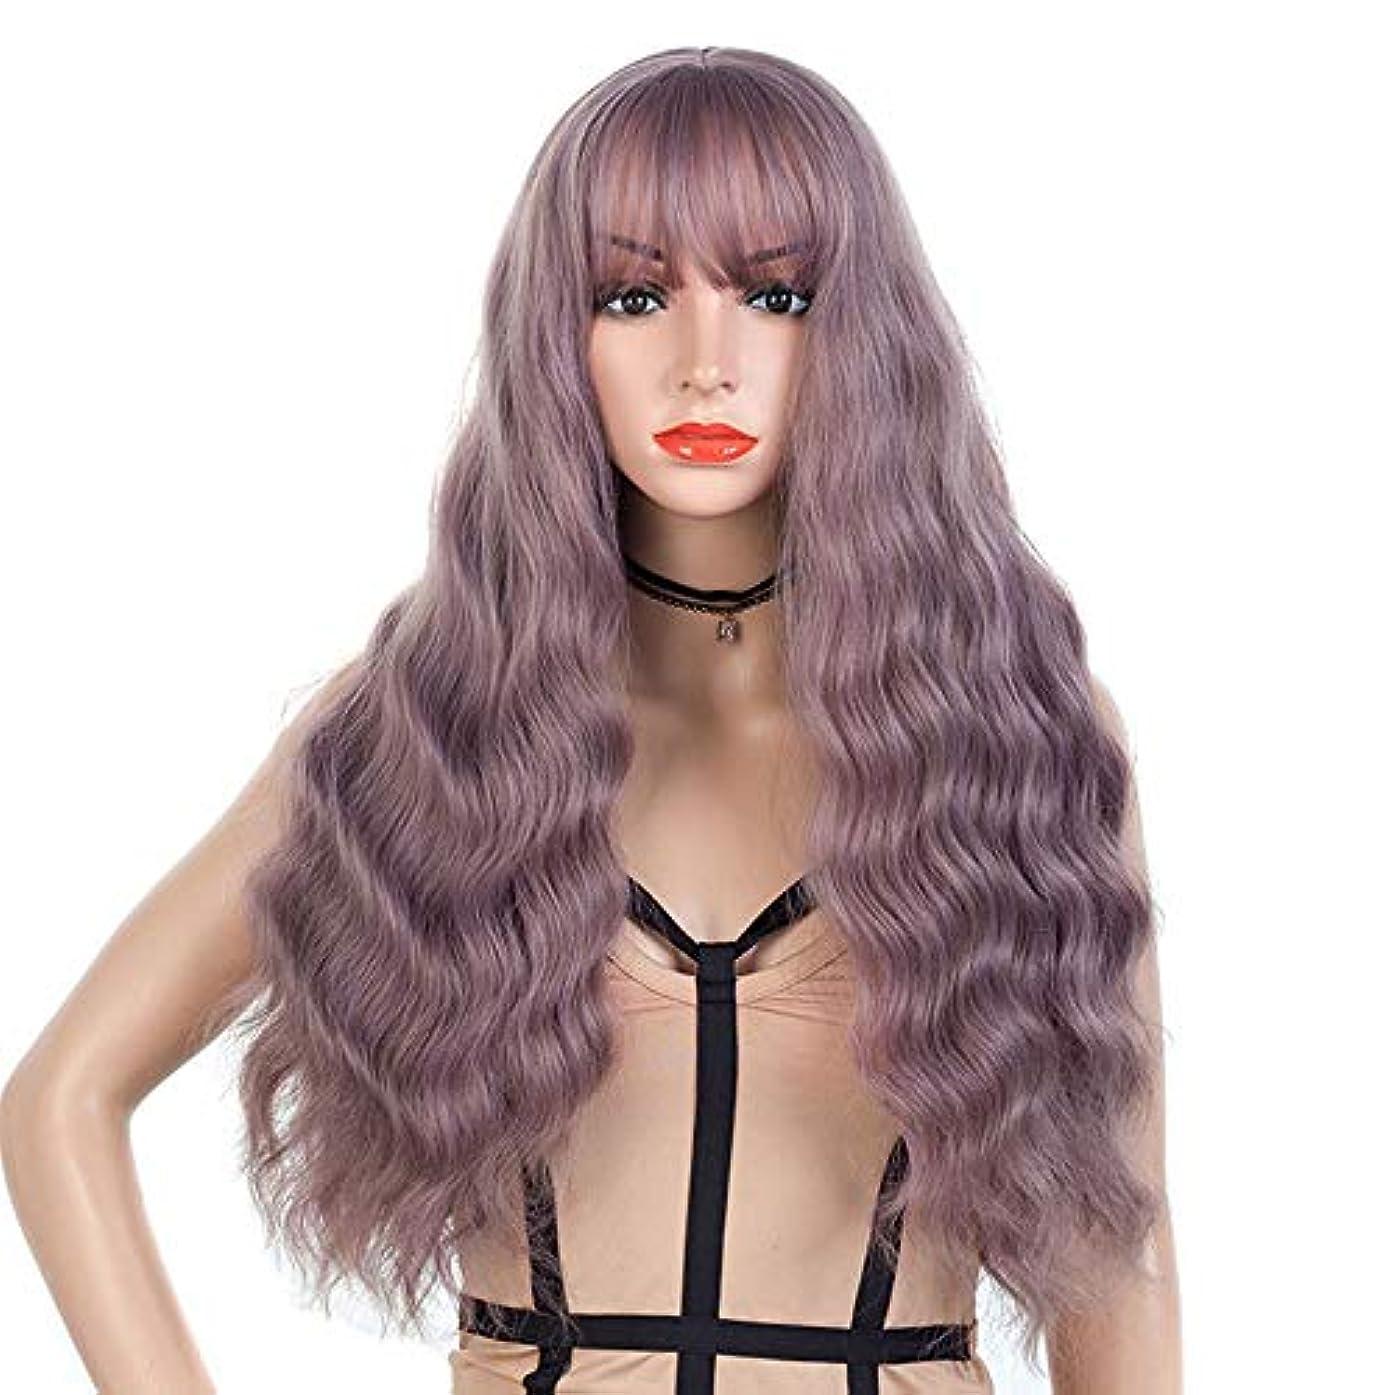 ほこりっぽい示すうるさいESTELLEF 31.5 Inche Bangs Glueless Synthetic Party Halloween Wigs- Corn Hot Chemical Fiber Small Wave Pattern...